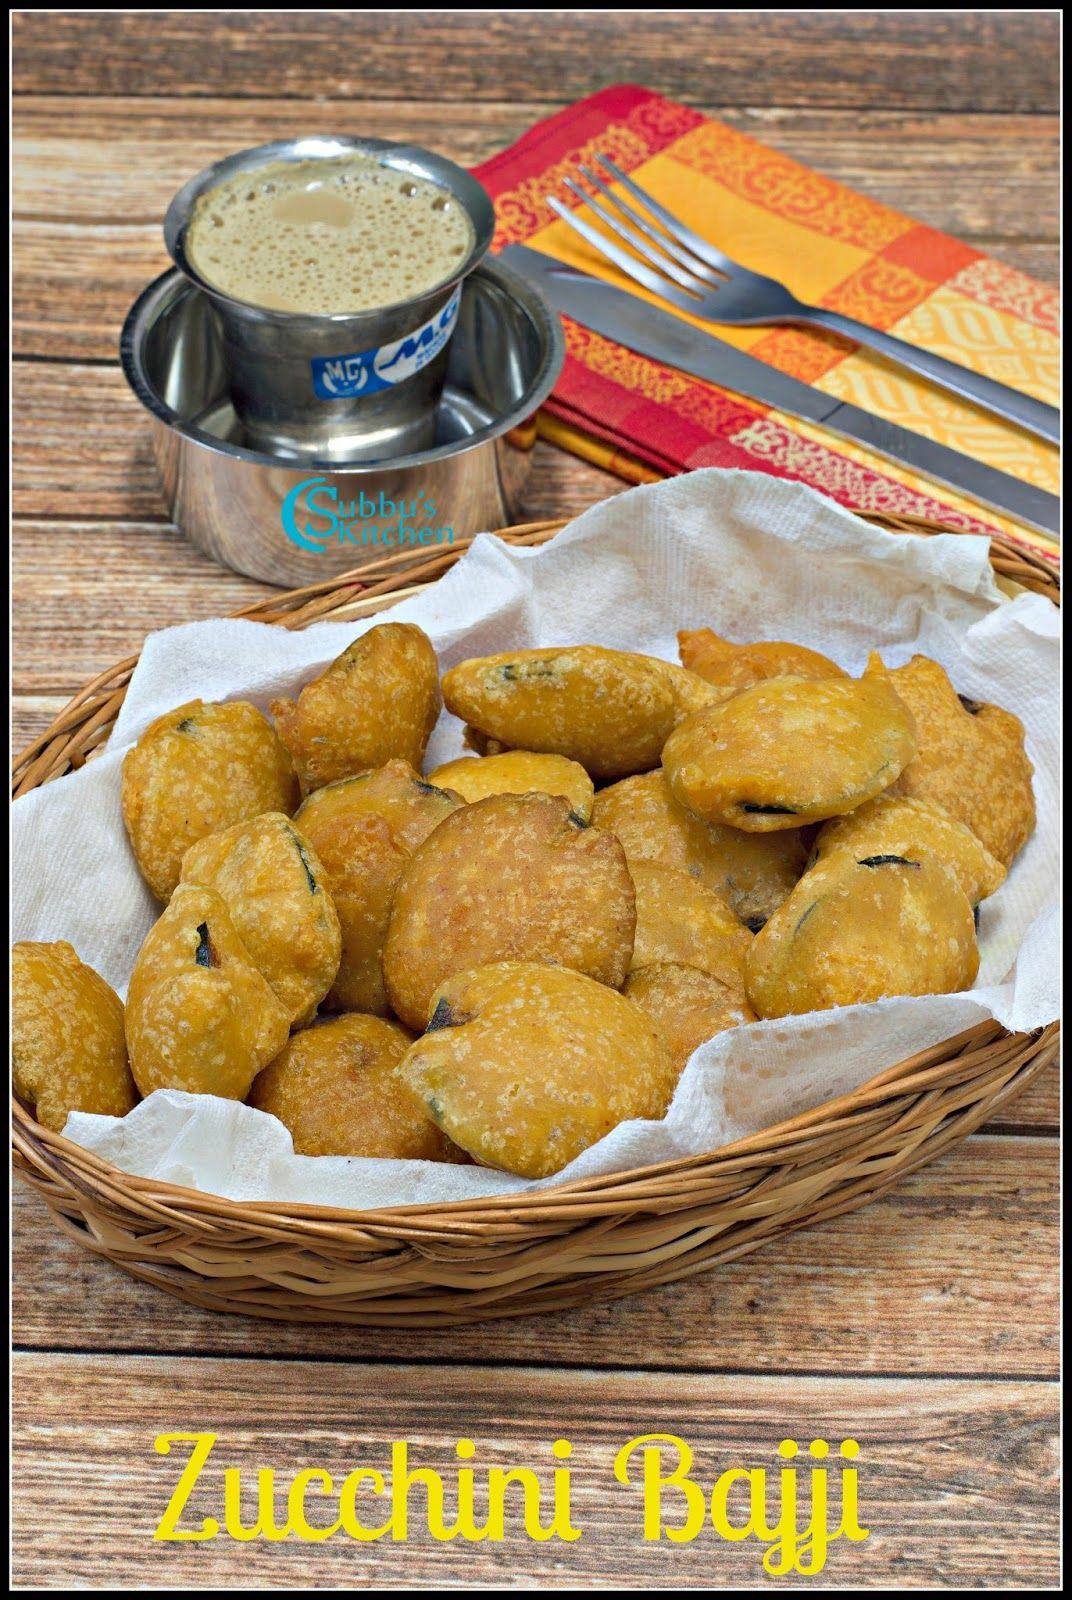 Zucchini bajji recipe zucchini fritters recipe indian zucchini bajji recipe zucchini fritters recipe forumfinder Choice Image